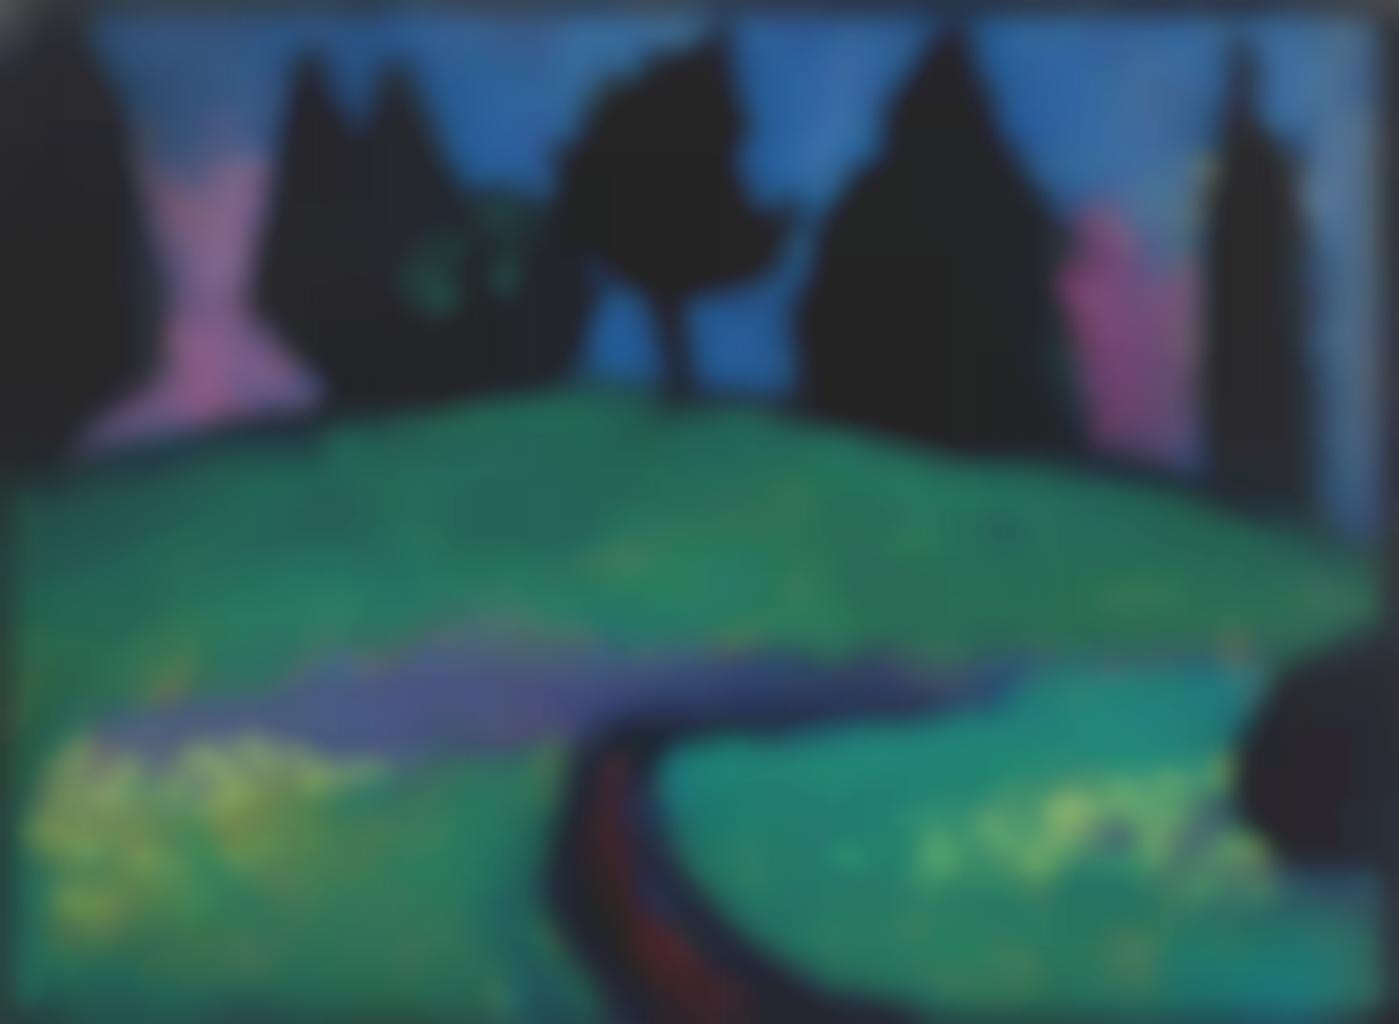 Alexej von Jawlensky-Dunkle Baume uber grunem Hang-1910